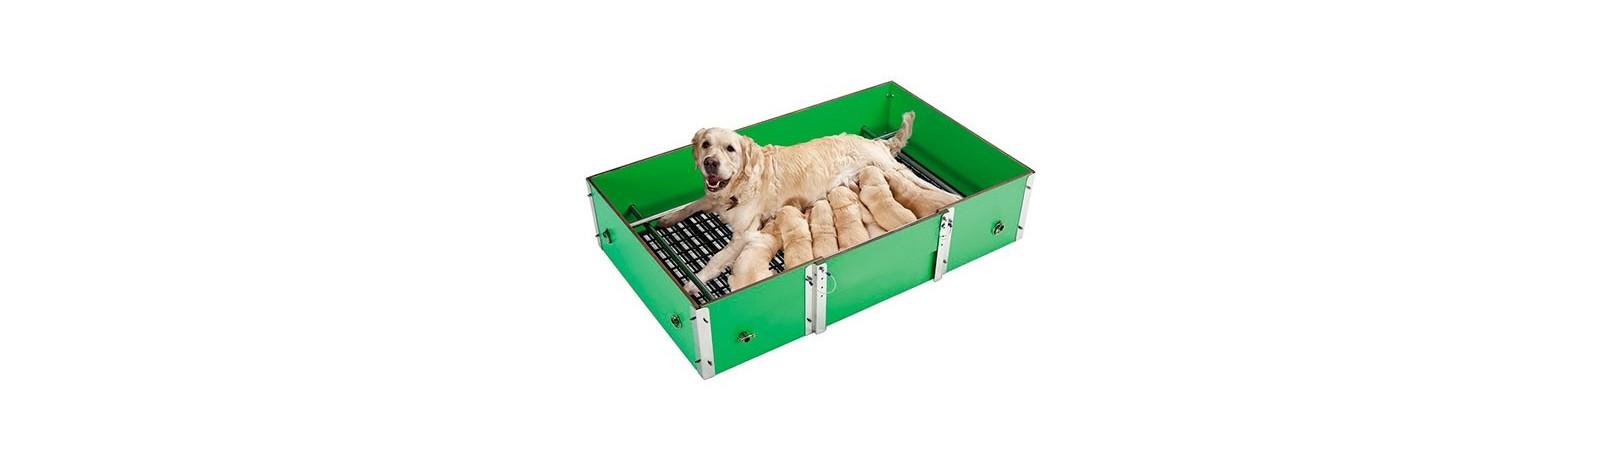 Fabricant de cages de parturition pour chiens